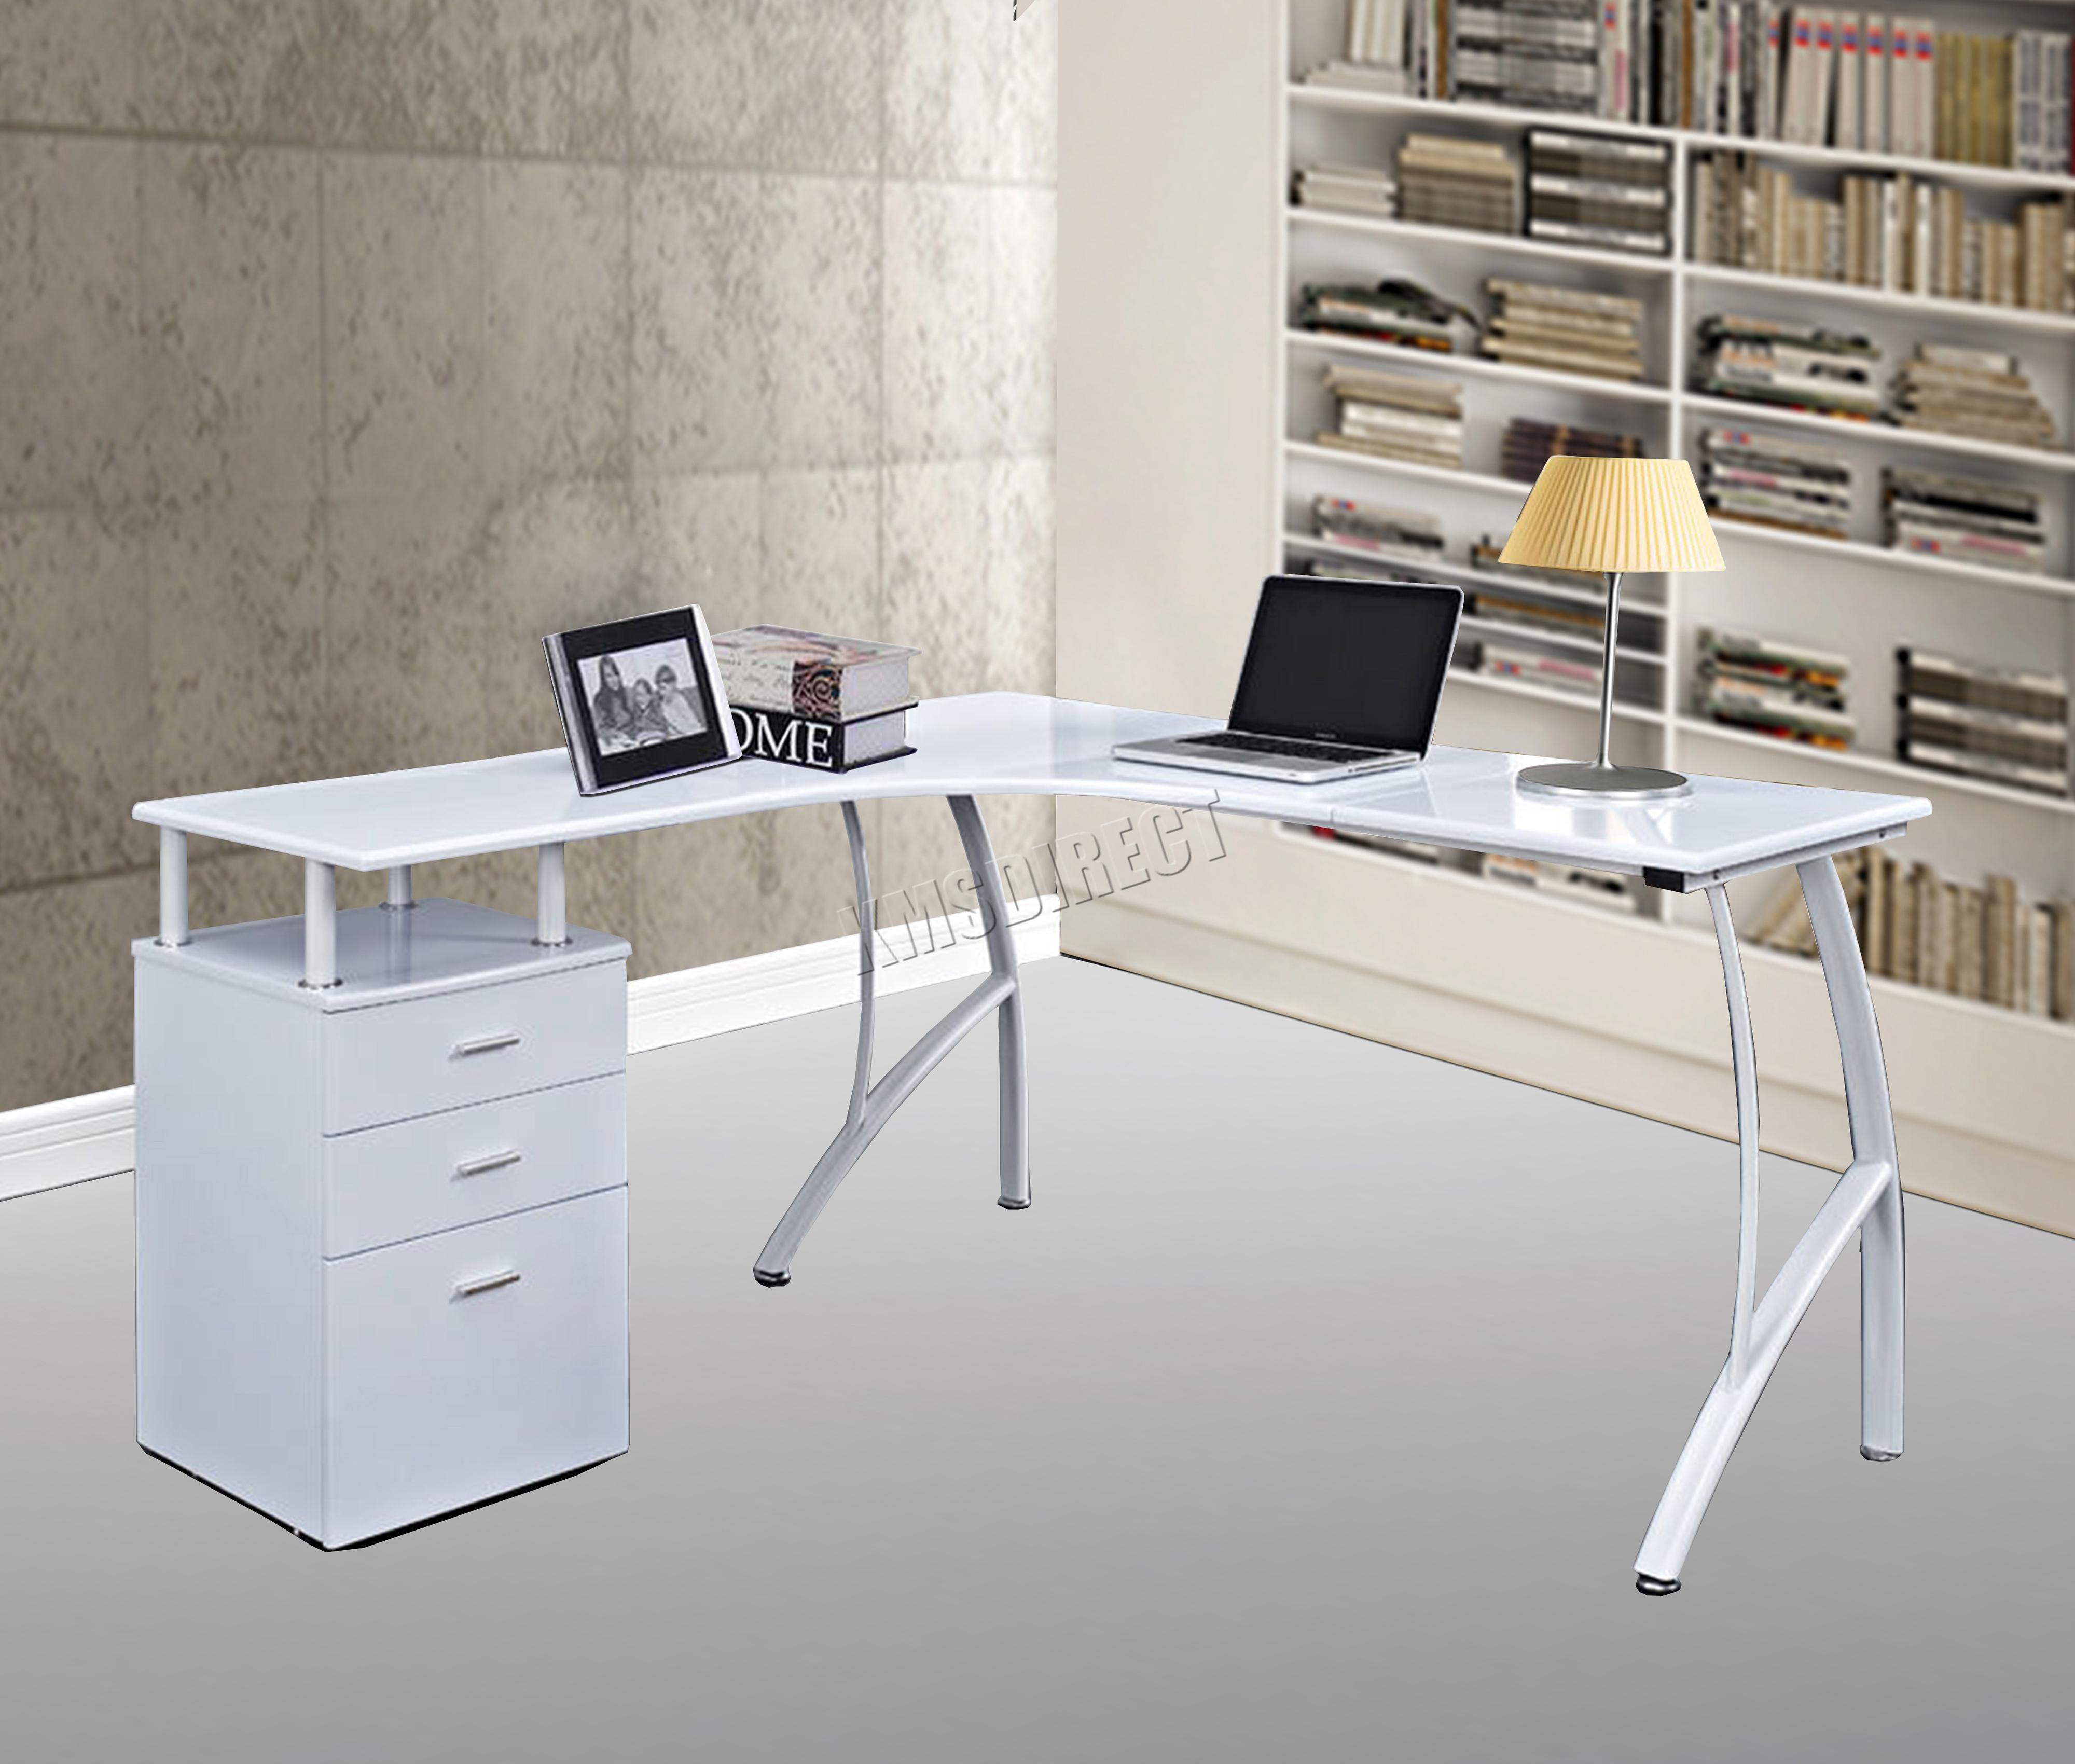 L Shaped Corner Desk Computer Workstation Home Office: WestWood L-Shaped Corner Computer Desk PC Table Home